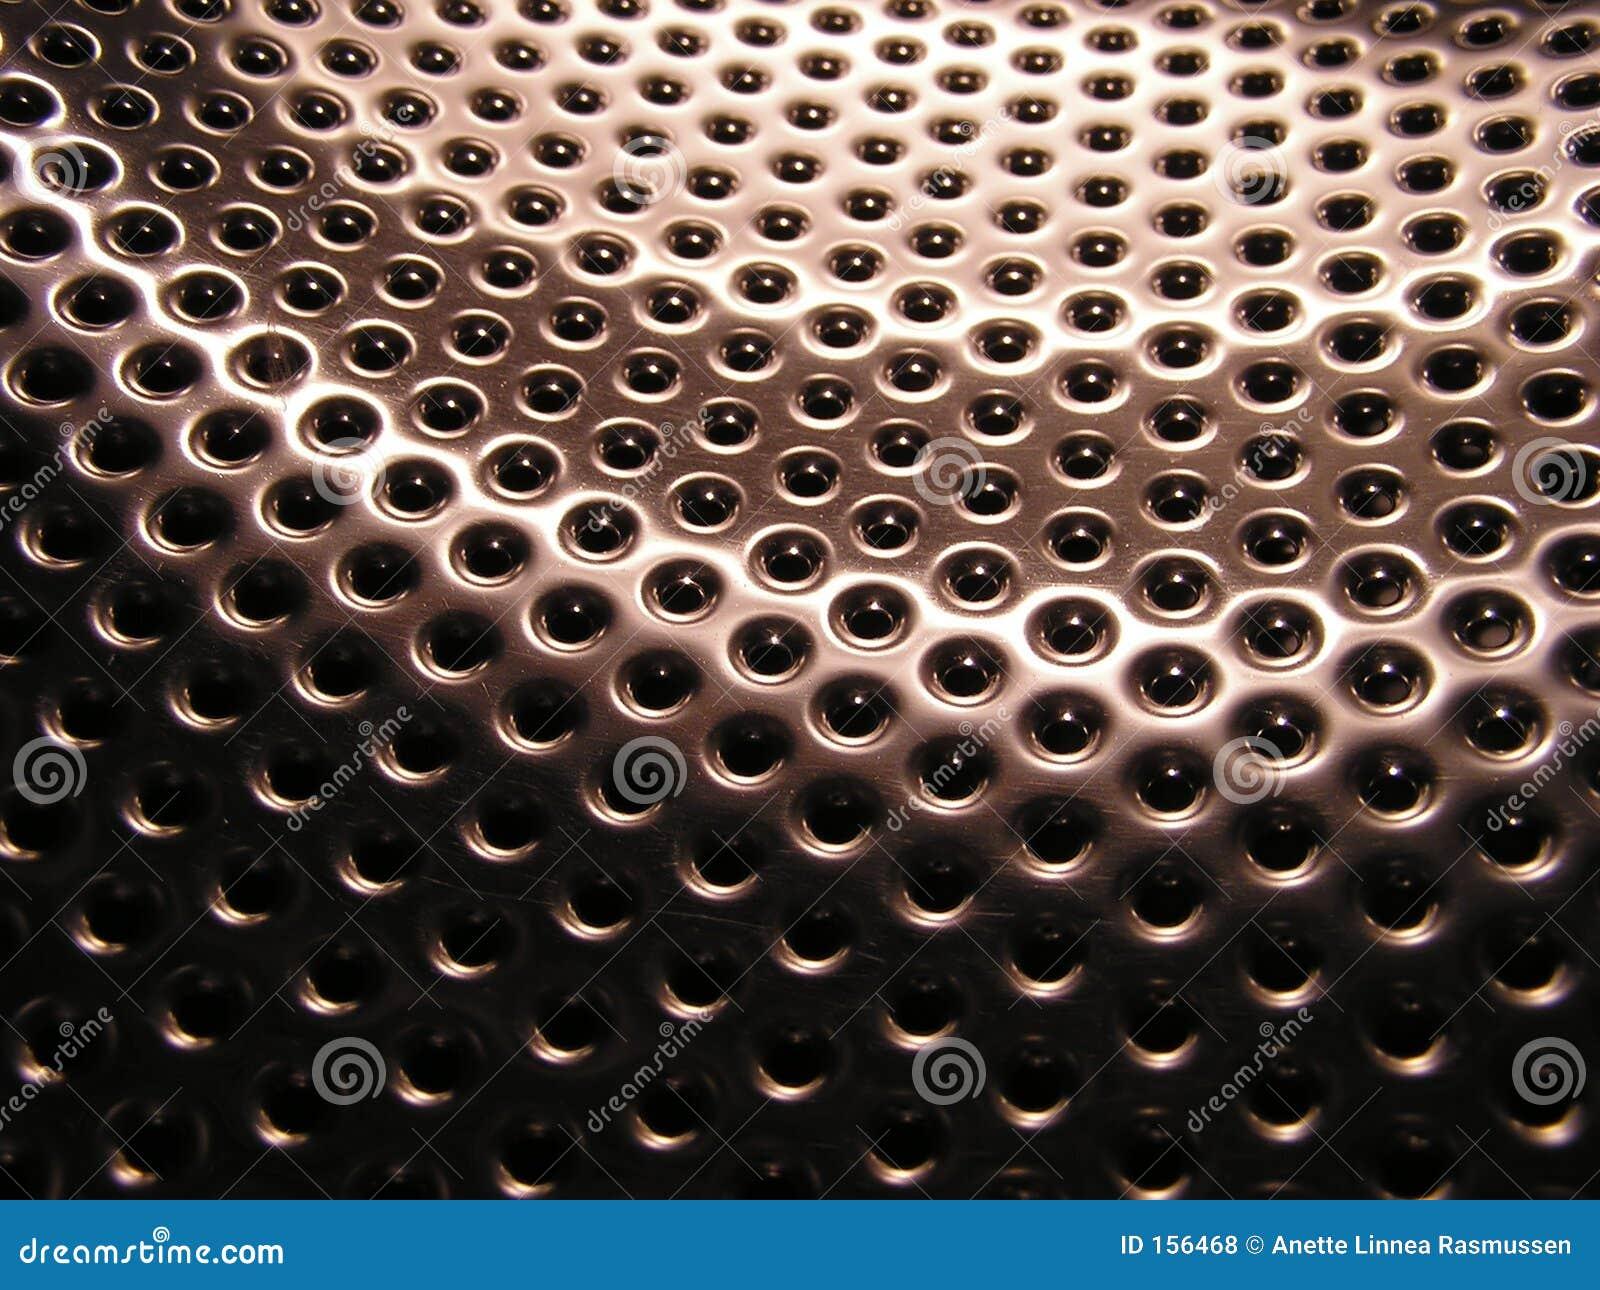 Metallic holes